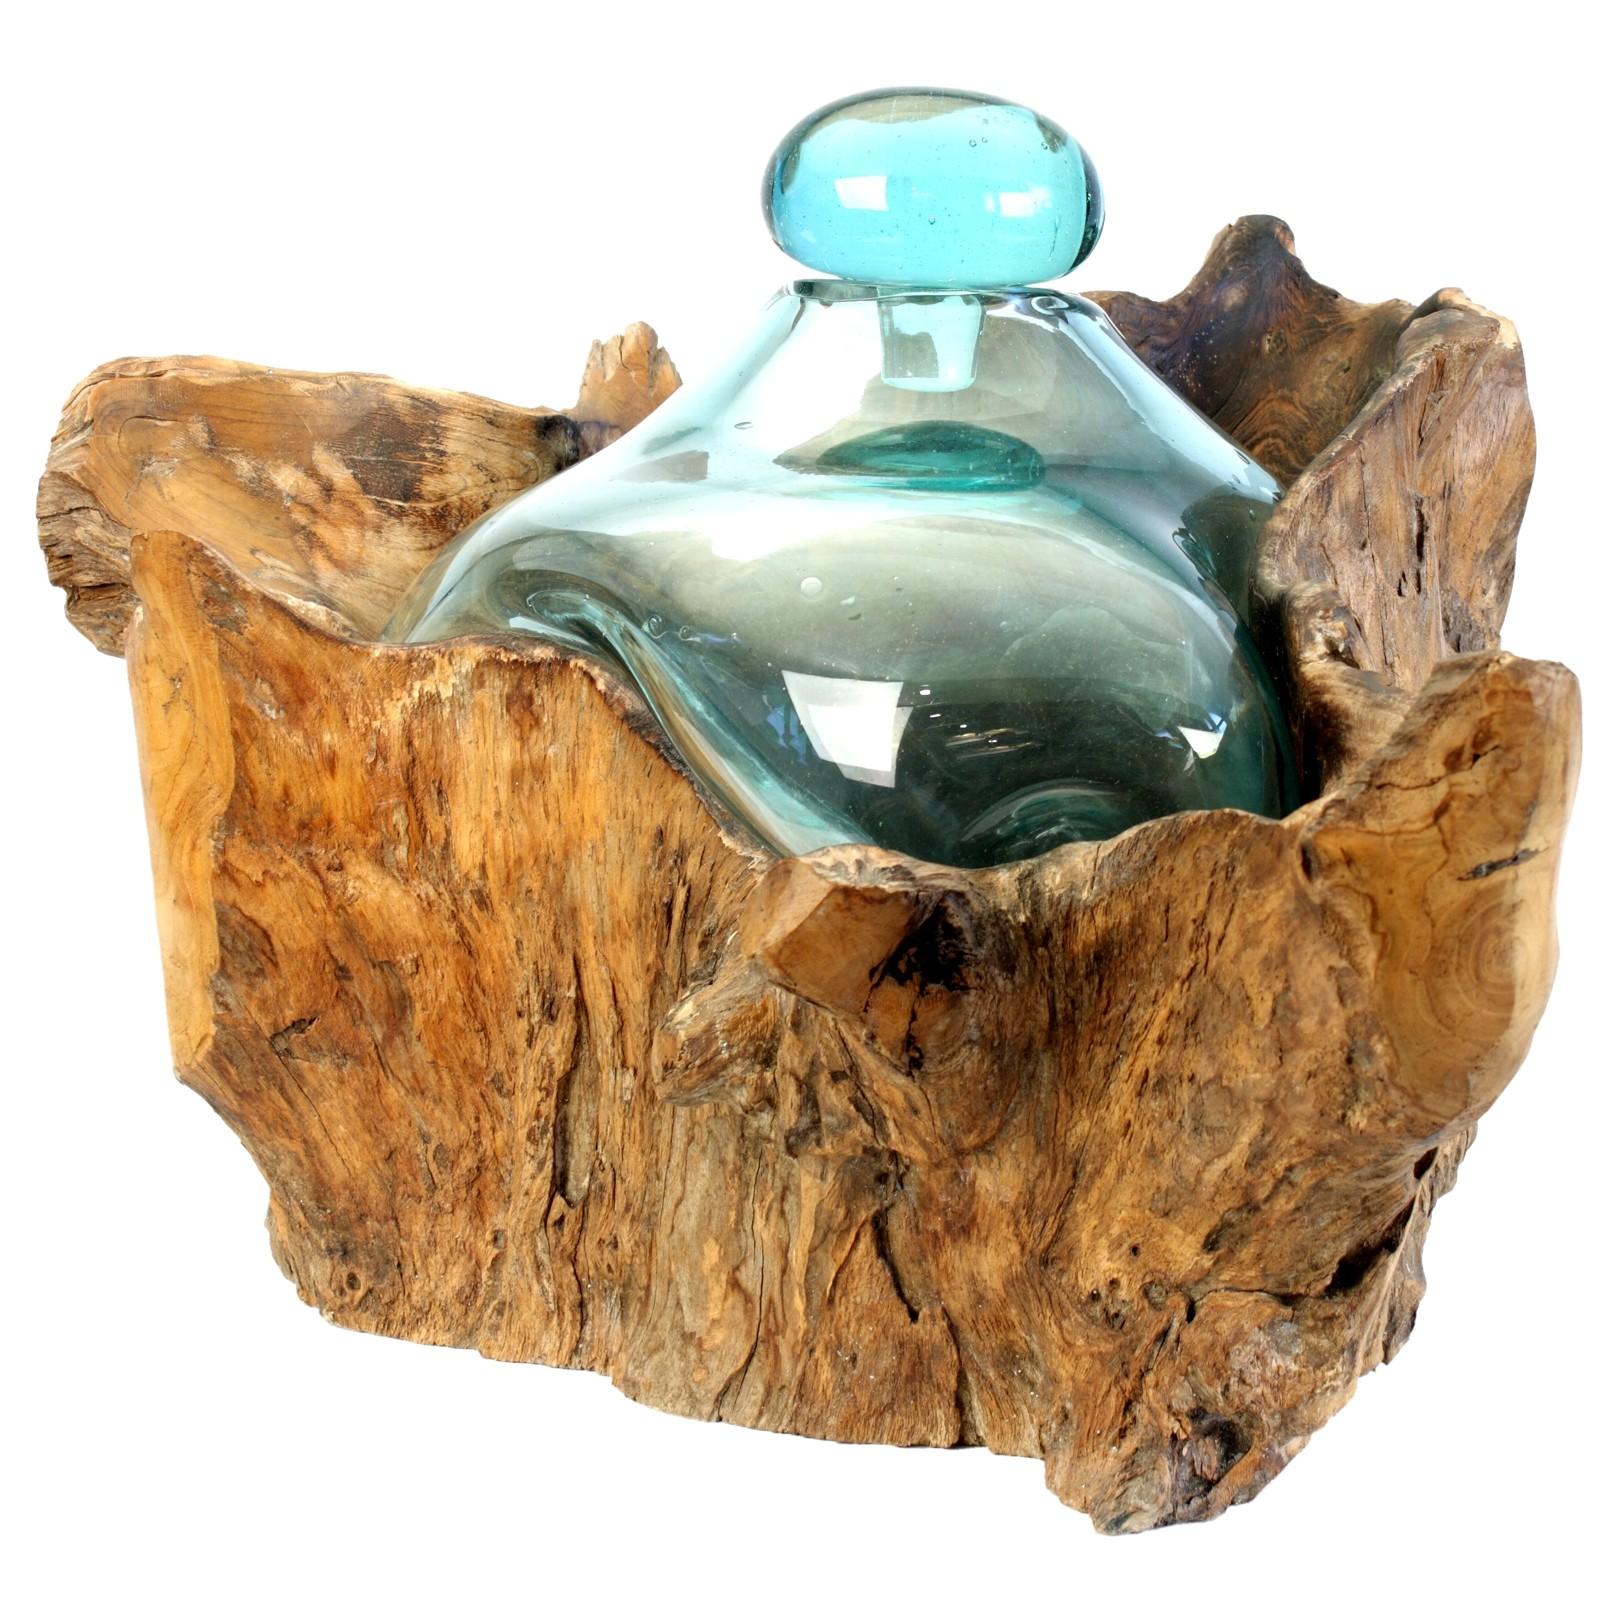 teak wurzel glasvase 62 cm teakholz wurzelholz tisch deko wohnzimmer vase holz ebay. Black Bedroom Furniture Sets. Home Design Ideas